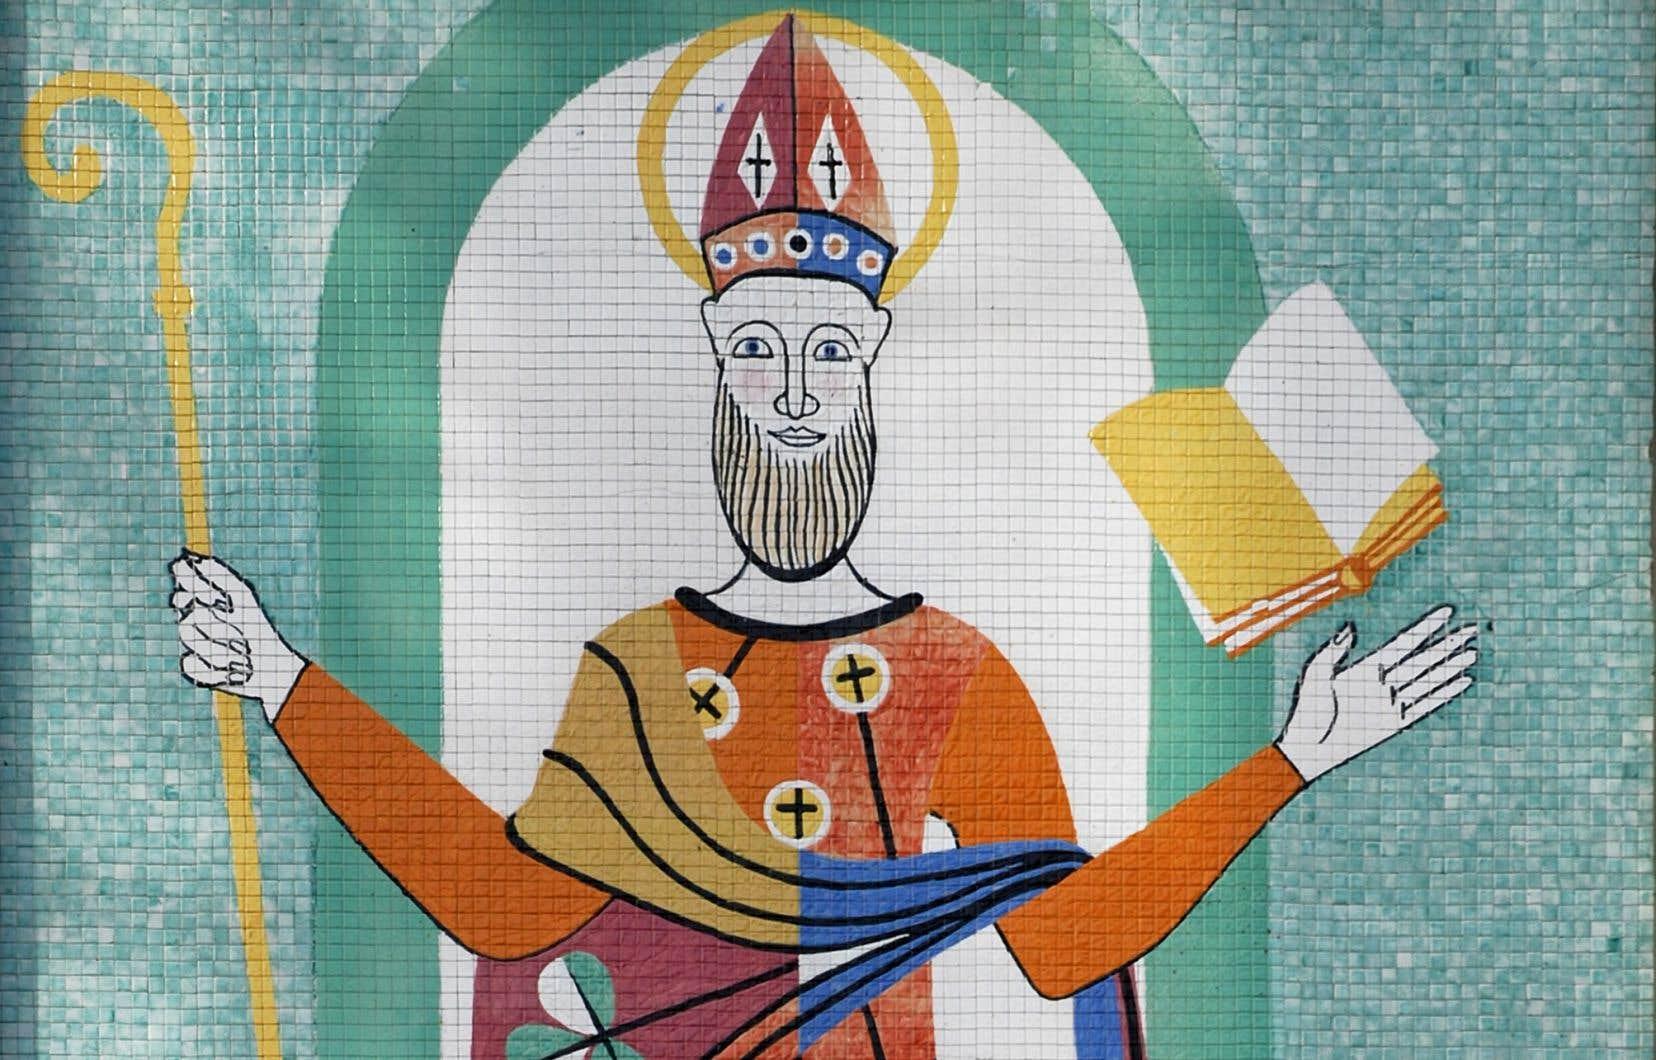 La murale conçue par Alfred Pellan en 1958 et installée sur la façade du 142, rue Dufferin, a Granby, représente un saint Patrick stylisé, réalisé sous forme de mosaïque.